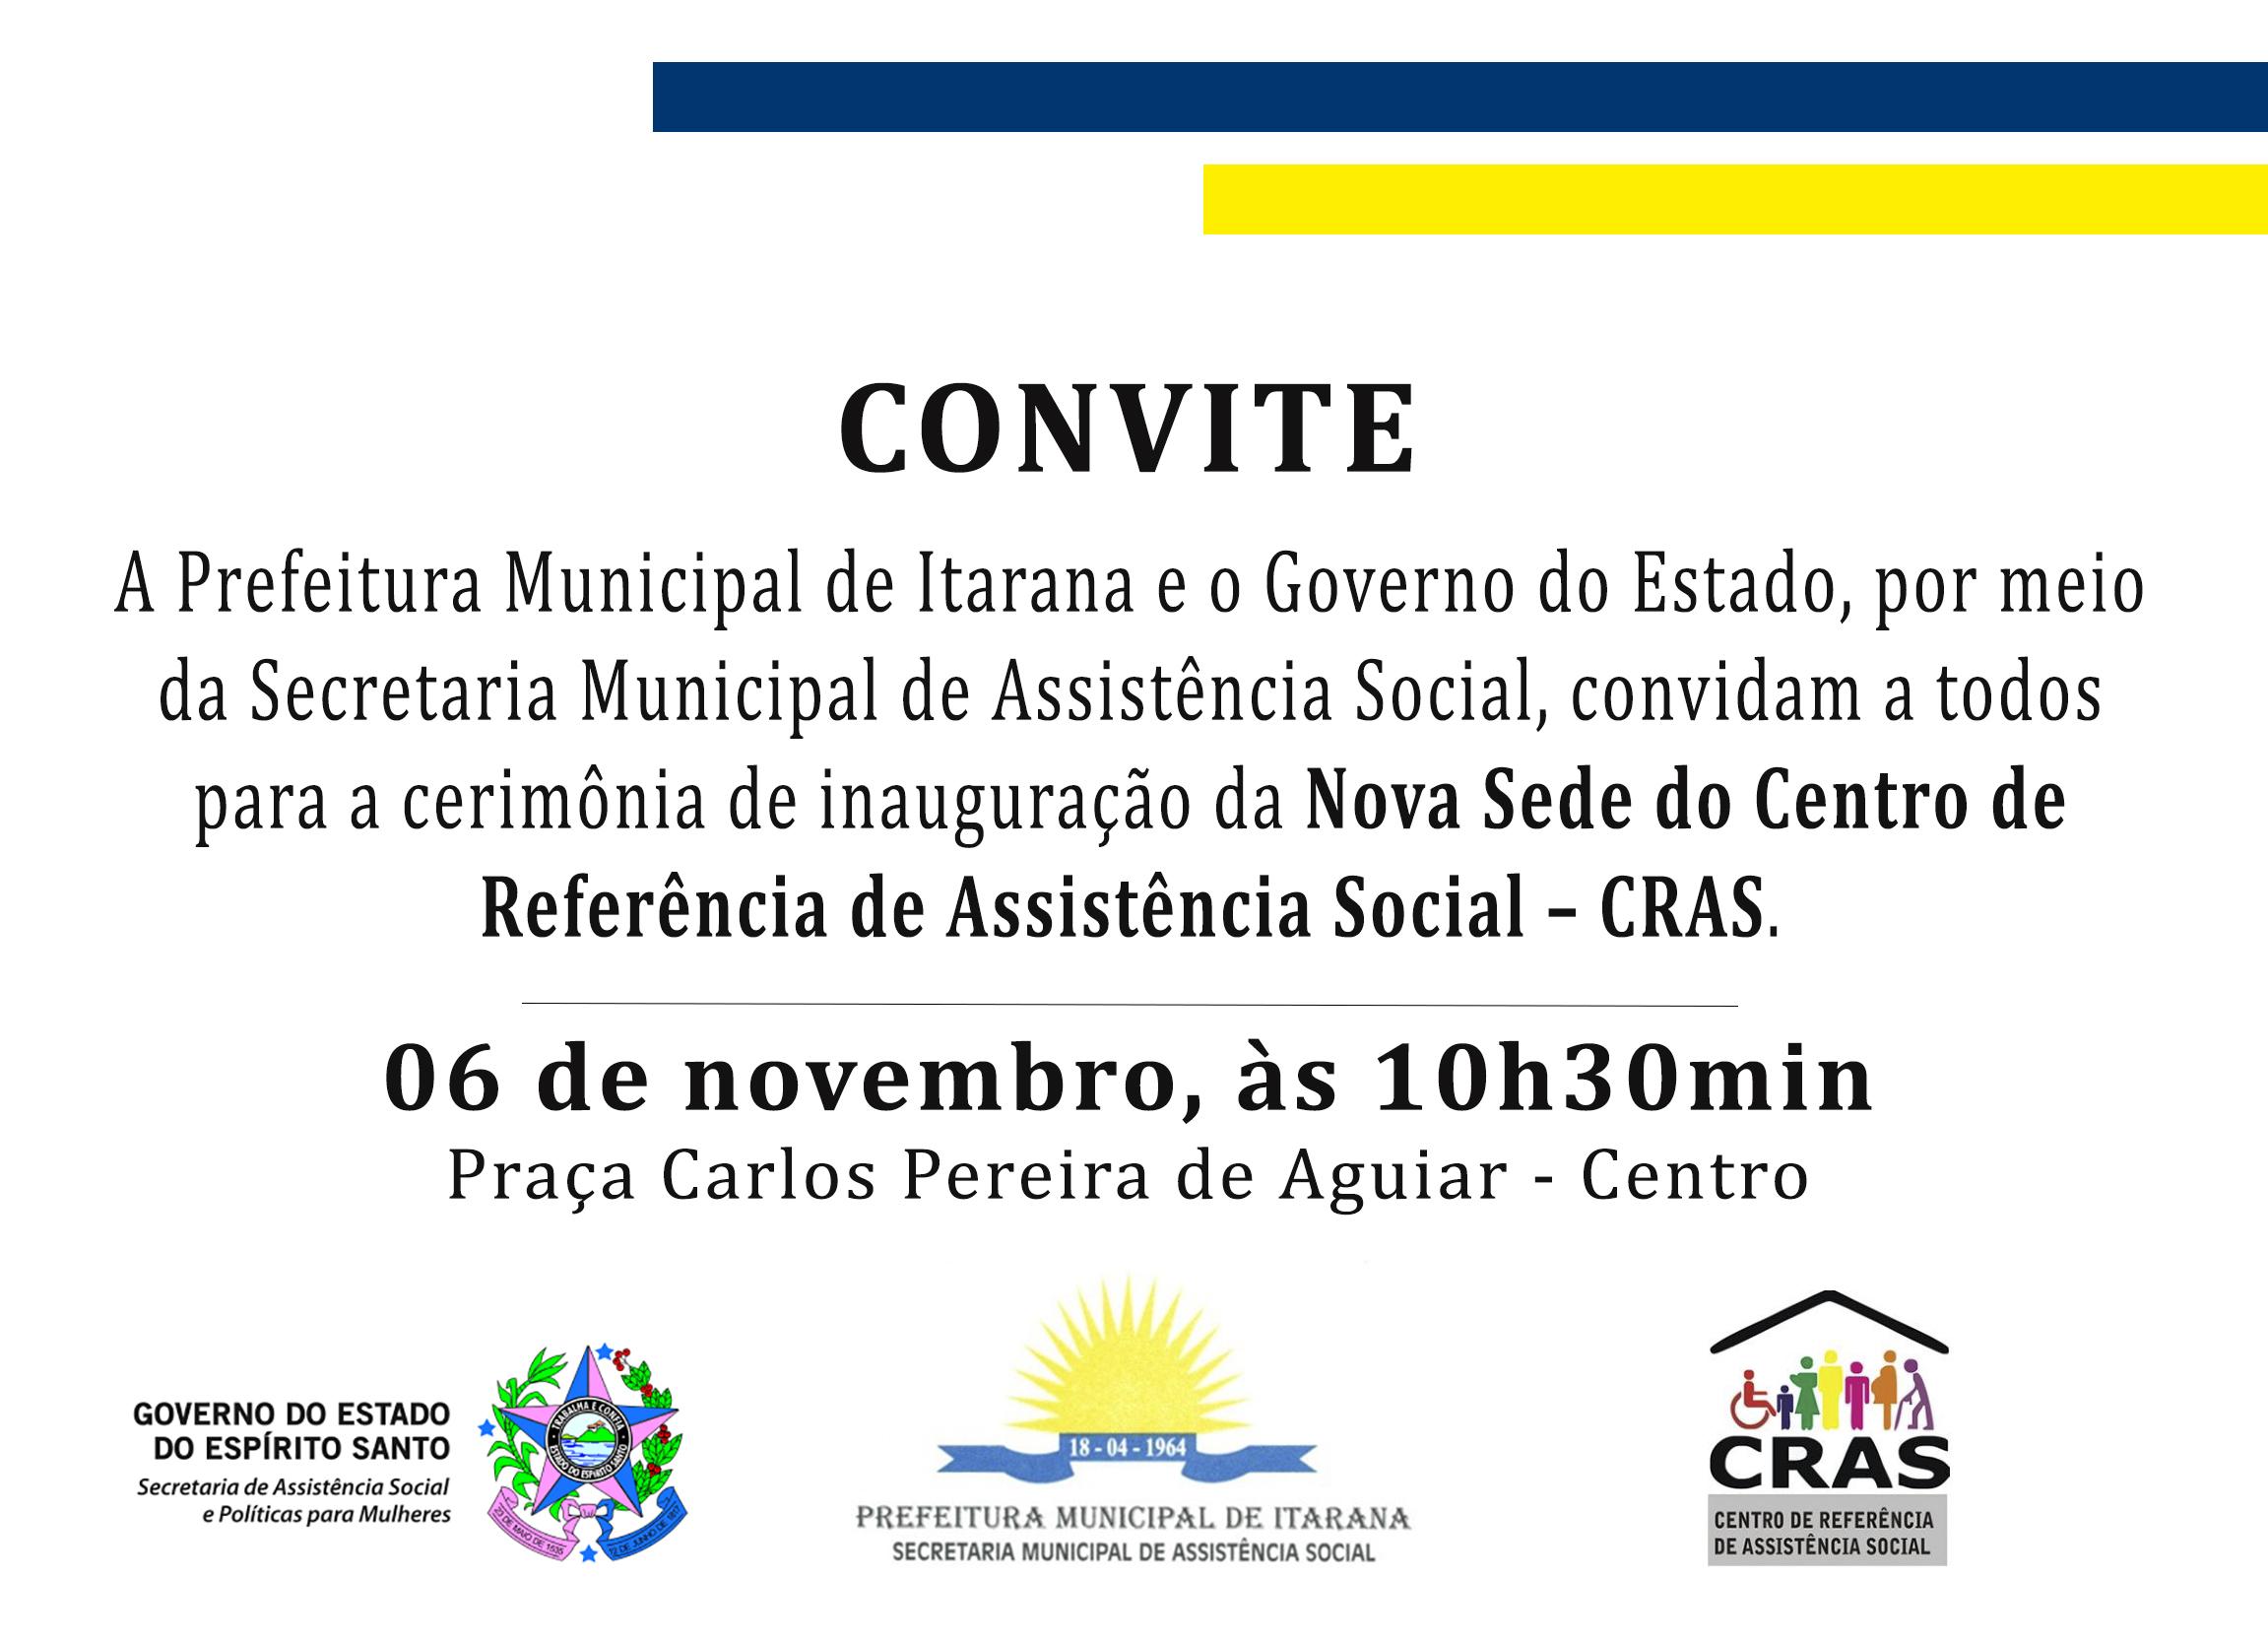 Nova Sede do CRAS será inaugurada na sexta-feira (06)